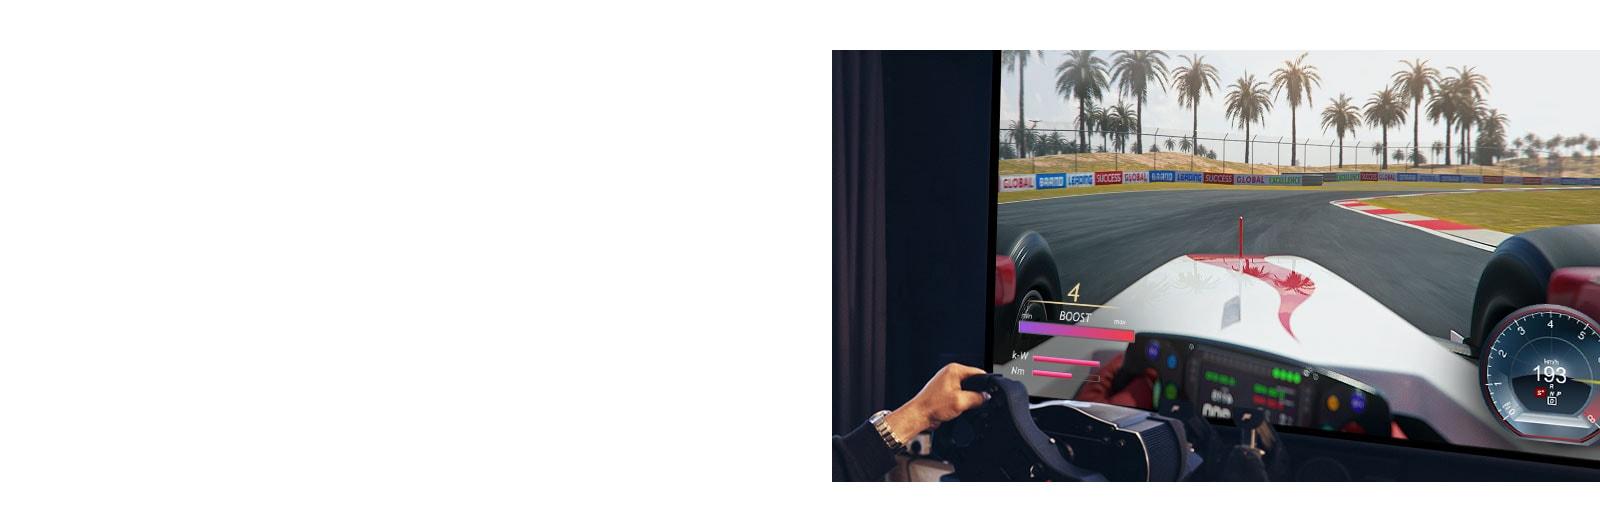 Ráközelítés egy játékosra, aki versenykormányt tart a kezében, és versenyautós játékot játszik a TV képernyőjén.